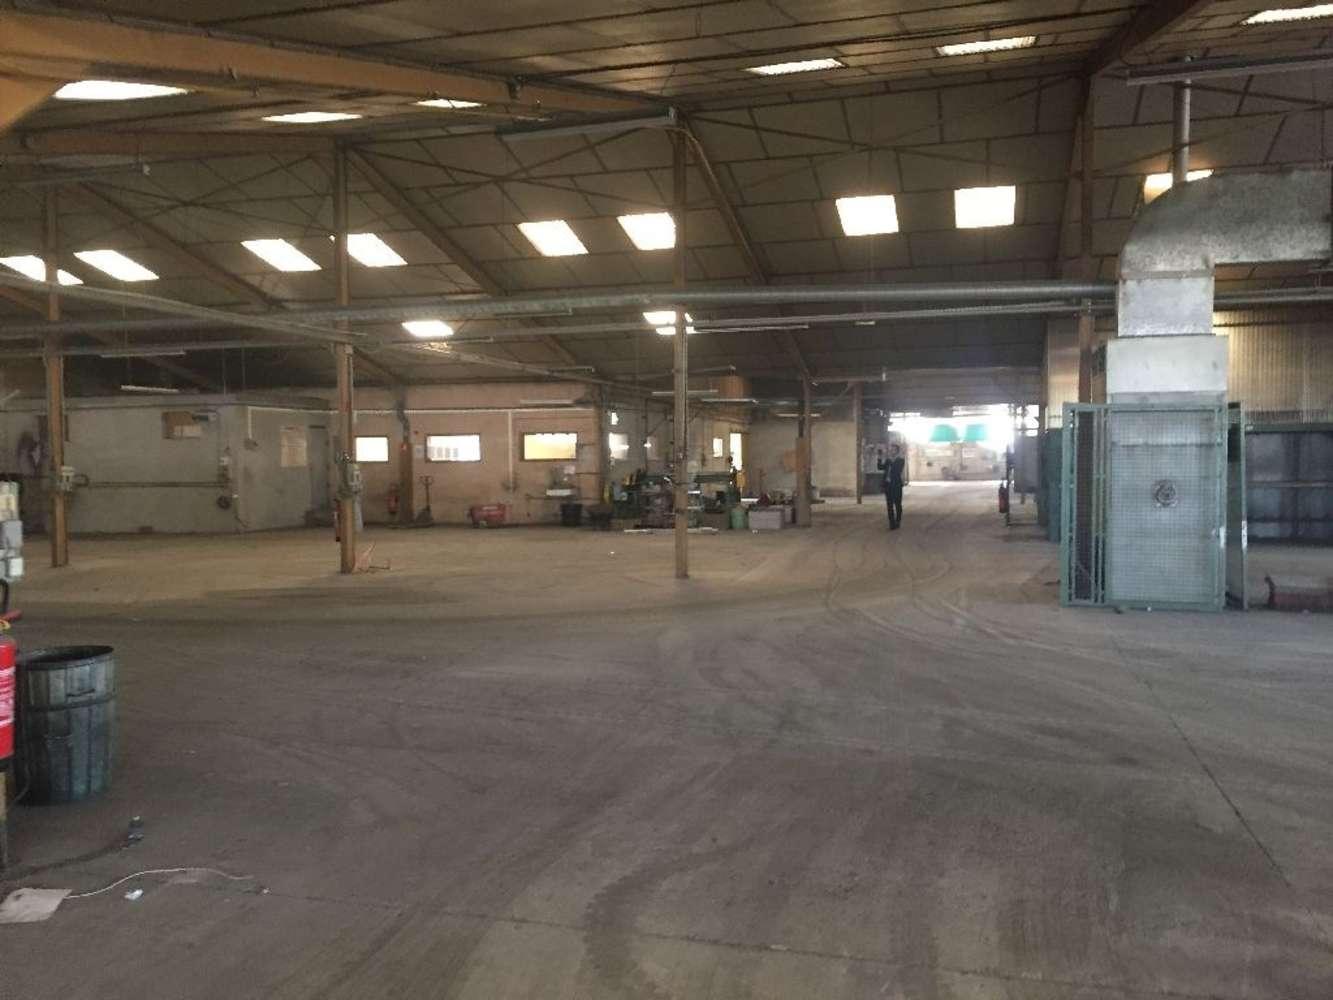 Activités/entrepôt Jassans riottier, 01480 - Vente entrepot Lyon Nord / Ain (01) - 10067110